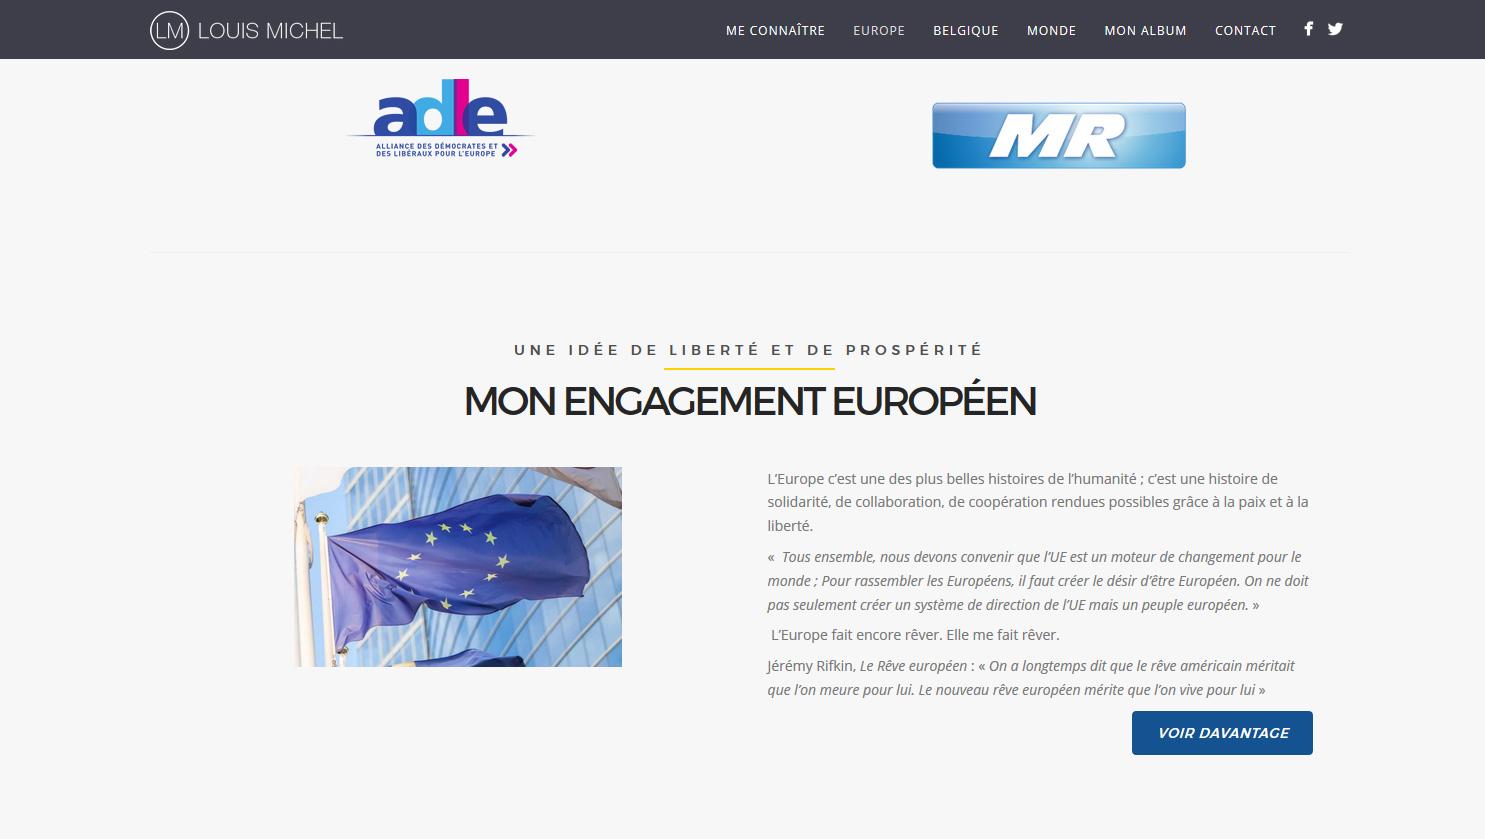 ALYS projet - Louis Michel